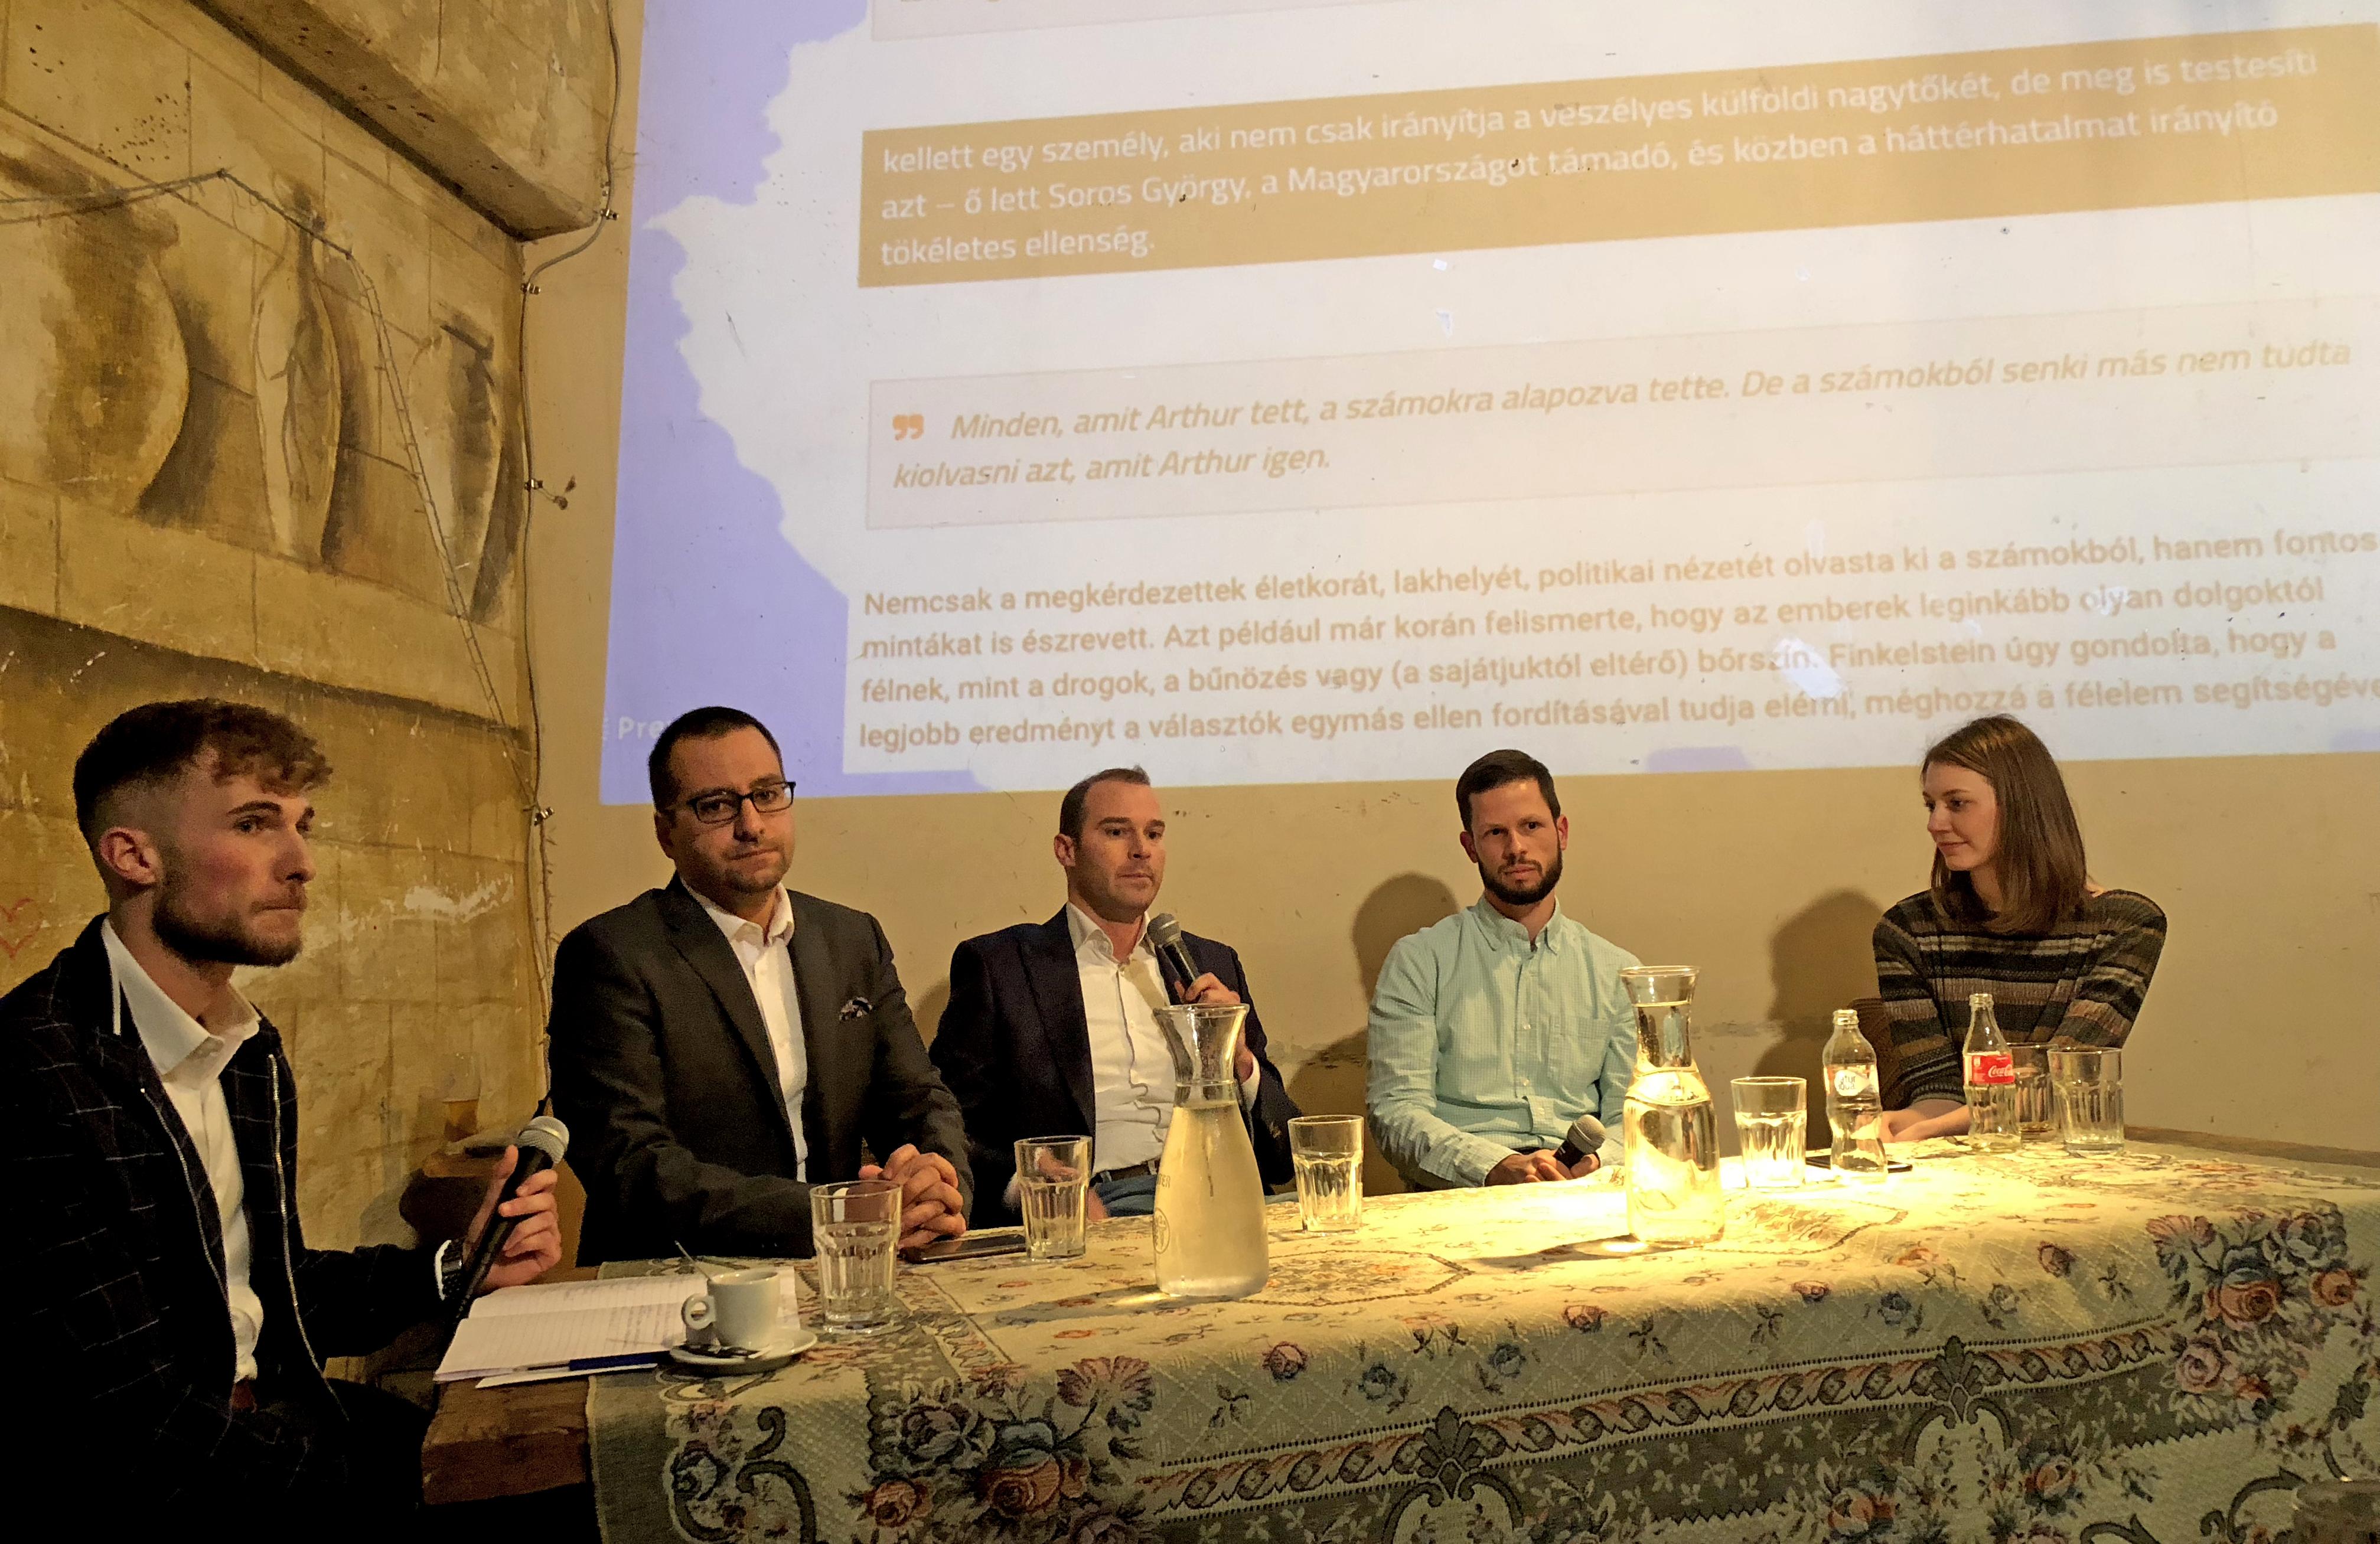 Nem bírtak a Fidesz kommunikációs kaszkadőreivel az ellenzéki politikusok